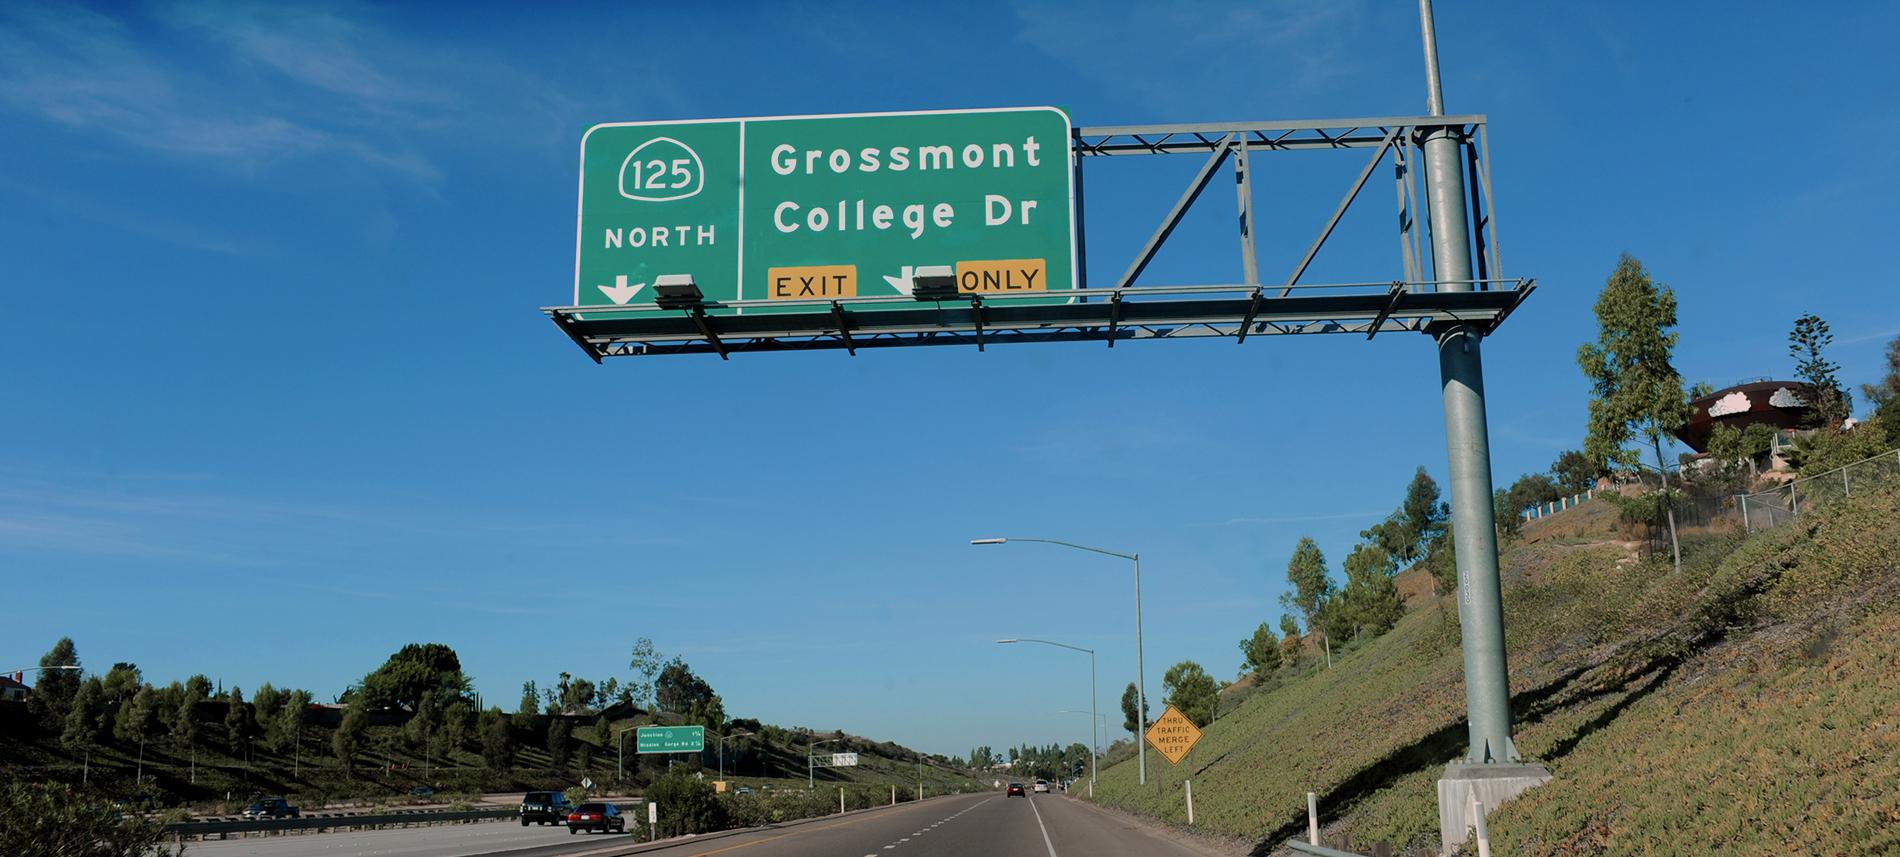 grossmont college sign